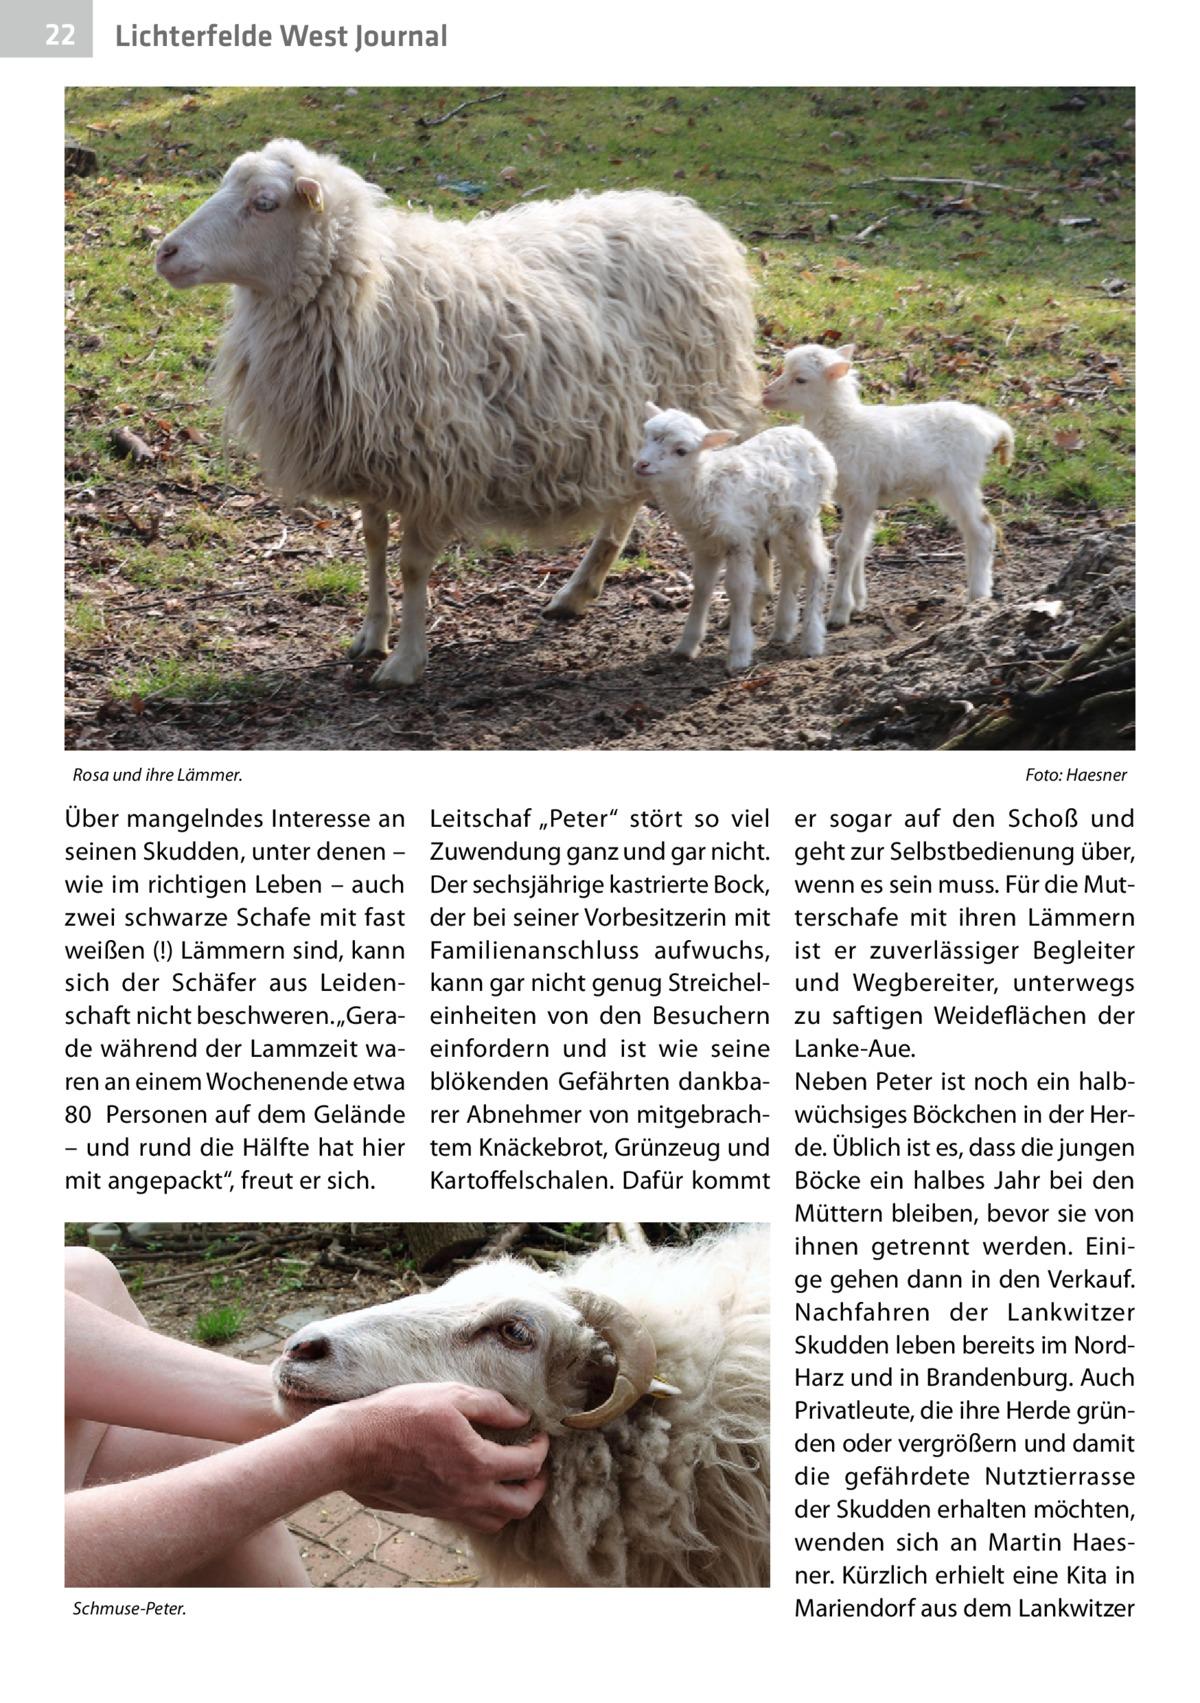 """22  Lichterfelde West Journal  Rosa und ihre Lämmer.�  Über mangelndes Interesse an seinen Skudden, unter denen – wie im richtigen Leben – auch zwei schwarze Schafe mit fast weißen (!) Lämmern sind, kann sich der Schäfer aus Leidenschaft nicht beschweren. """"Gerade während der Lammzeit waren an einem Wochenende etwa 80 Personen auf dem Gelände – und rund die Hälfte hat hier mit angepackt"""", freut er sich.  Schmuse-Peter.  Foto: Haesner  Leitschaf """"Peter"""" stört so viel Zuwendung ganz und gar nicht. Der sechsjährige kastrierte Bock, der bei seiner Vorbesitzerin mit Familienanschluss aufwuchs, kann gar nicht genug Streicheleinheiten von den Besuchern einfordern und ist wie seine blökenden Gefährten dankbarer Abnehmer von mitgebrachtem Knäckebrot, Grünzeug und Kartoffelschalen. Dafür kommt  er sogar auf den Schoß und geht zur Selbstbedienung über, wenn es sein muss. Für die Mutterschafe mit ihren Lämmern ist er zuverlässiger Begleiter und Wegbereiter, unterwegs zu saftigen Weideflächen der Lanke-Aue. Neben Peter ist noch ein halbwüchsiges Böckchen in der Herde. Üblich ist es, dass die jungen Böcke ein halbes Jahr bei den Müttern bleiben, bevor sie von ihnen getrennt werden. Einige gehen dann in den Verkauf. Nachfahren der Lankwitzer Skudden leben bereits im NordHarz und in Brandenburg. Auch Privatleute, die ihre Herde gründen oder vergrößern und damit die gefährdete Nutztierrasse der Skudden erhalten möchten, wenden sich an Martin Haesner. Kürzlich erhielt eine Kita in Mariendorf aus dem Lankwitzer"""